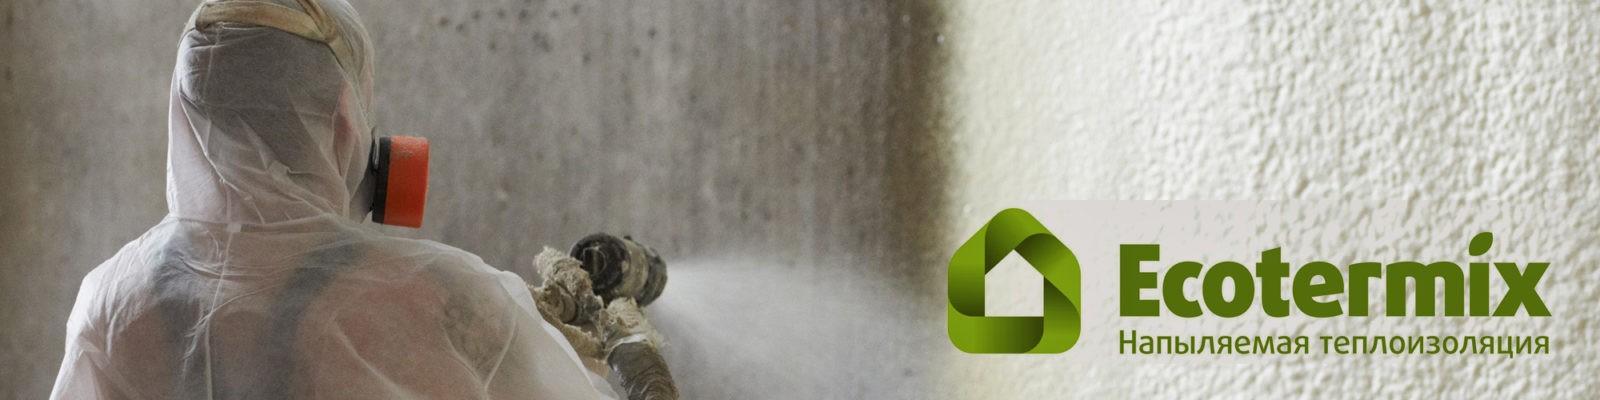 Ecotermix Экотермик компоненты ППУ купить